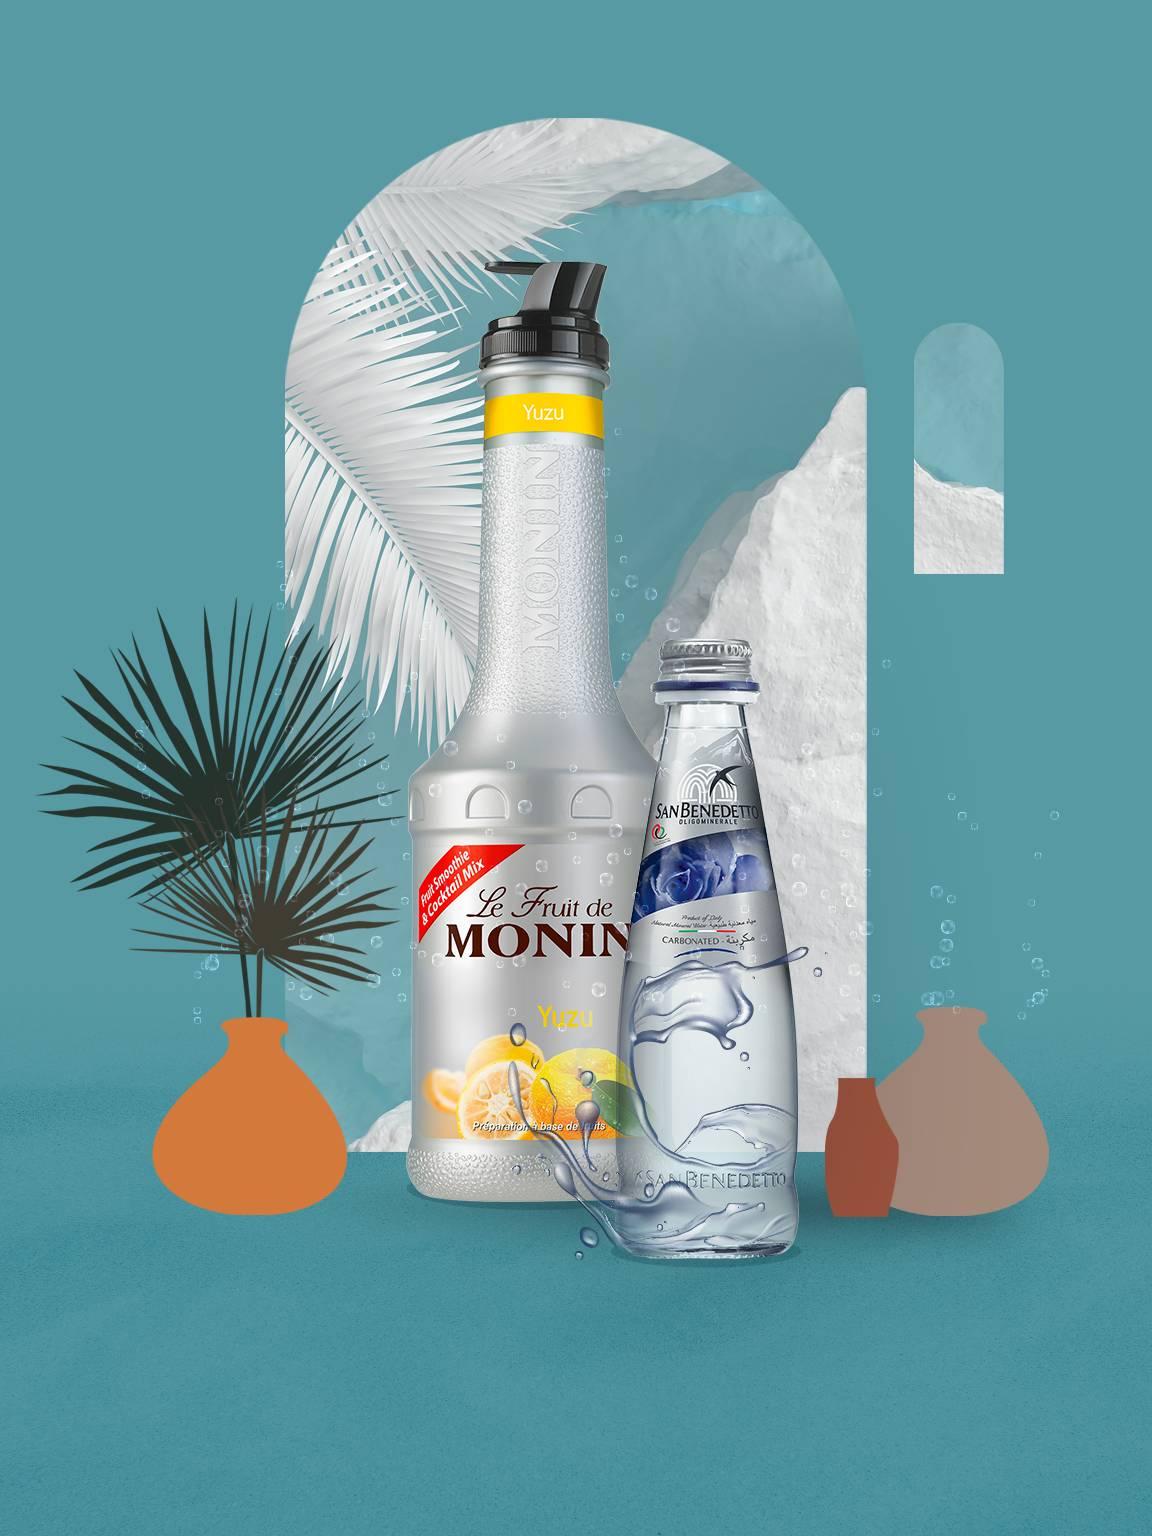 San Benedetto Sparkling Water and Monin Yuzu Puree Bundle